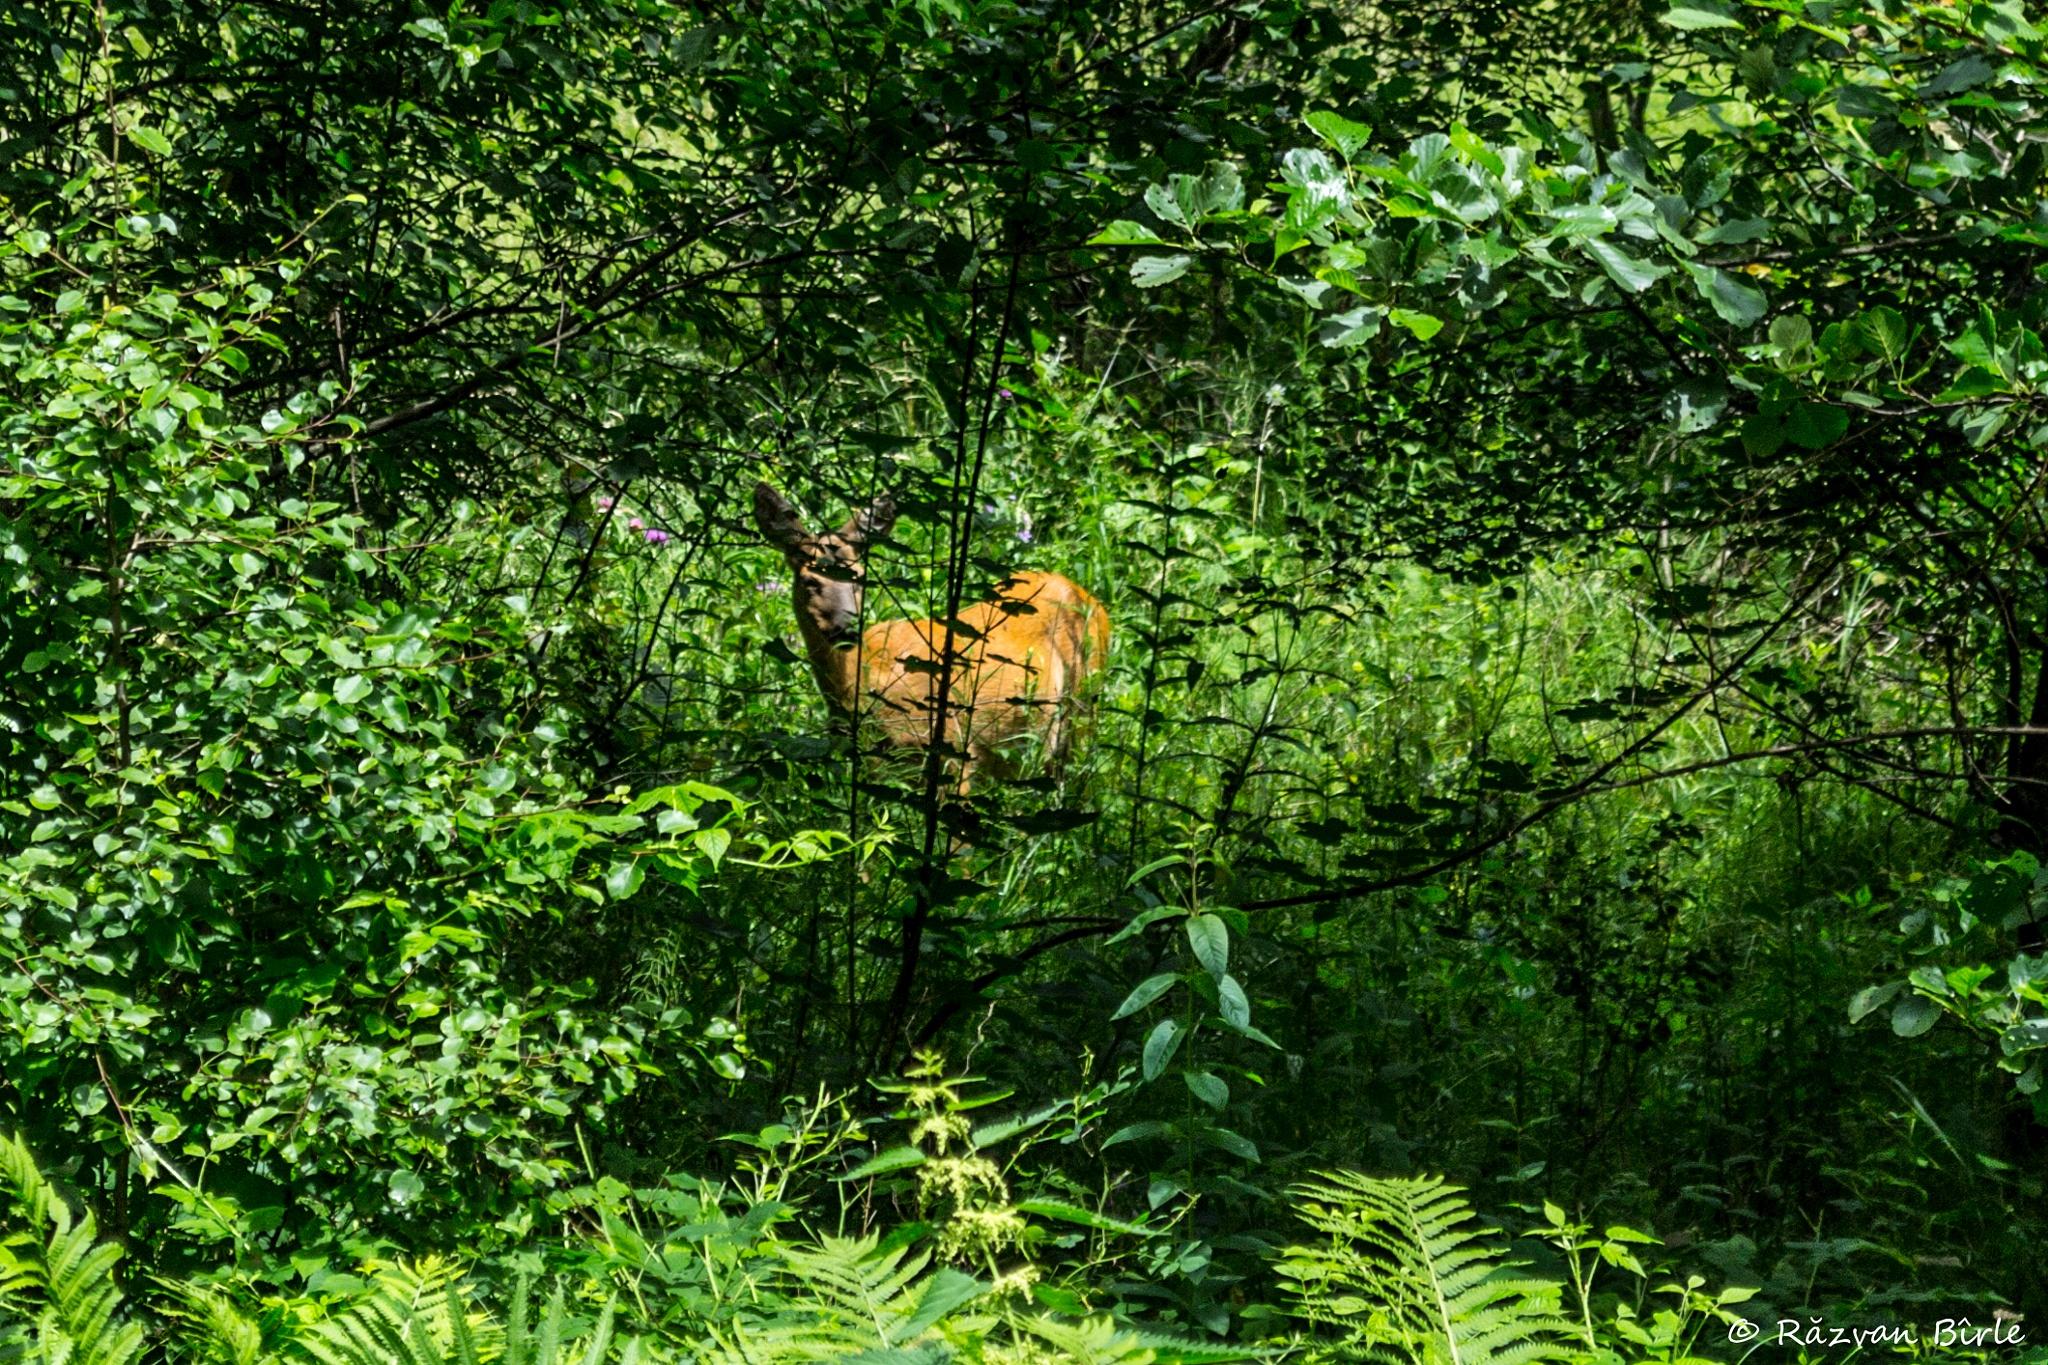 Deer by Răzvan Bîrle